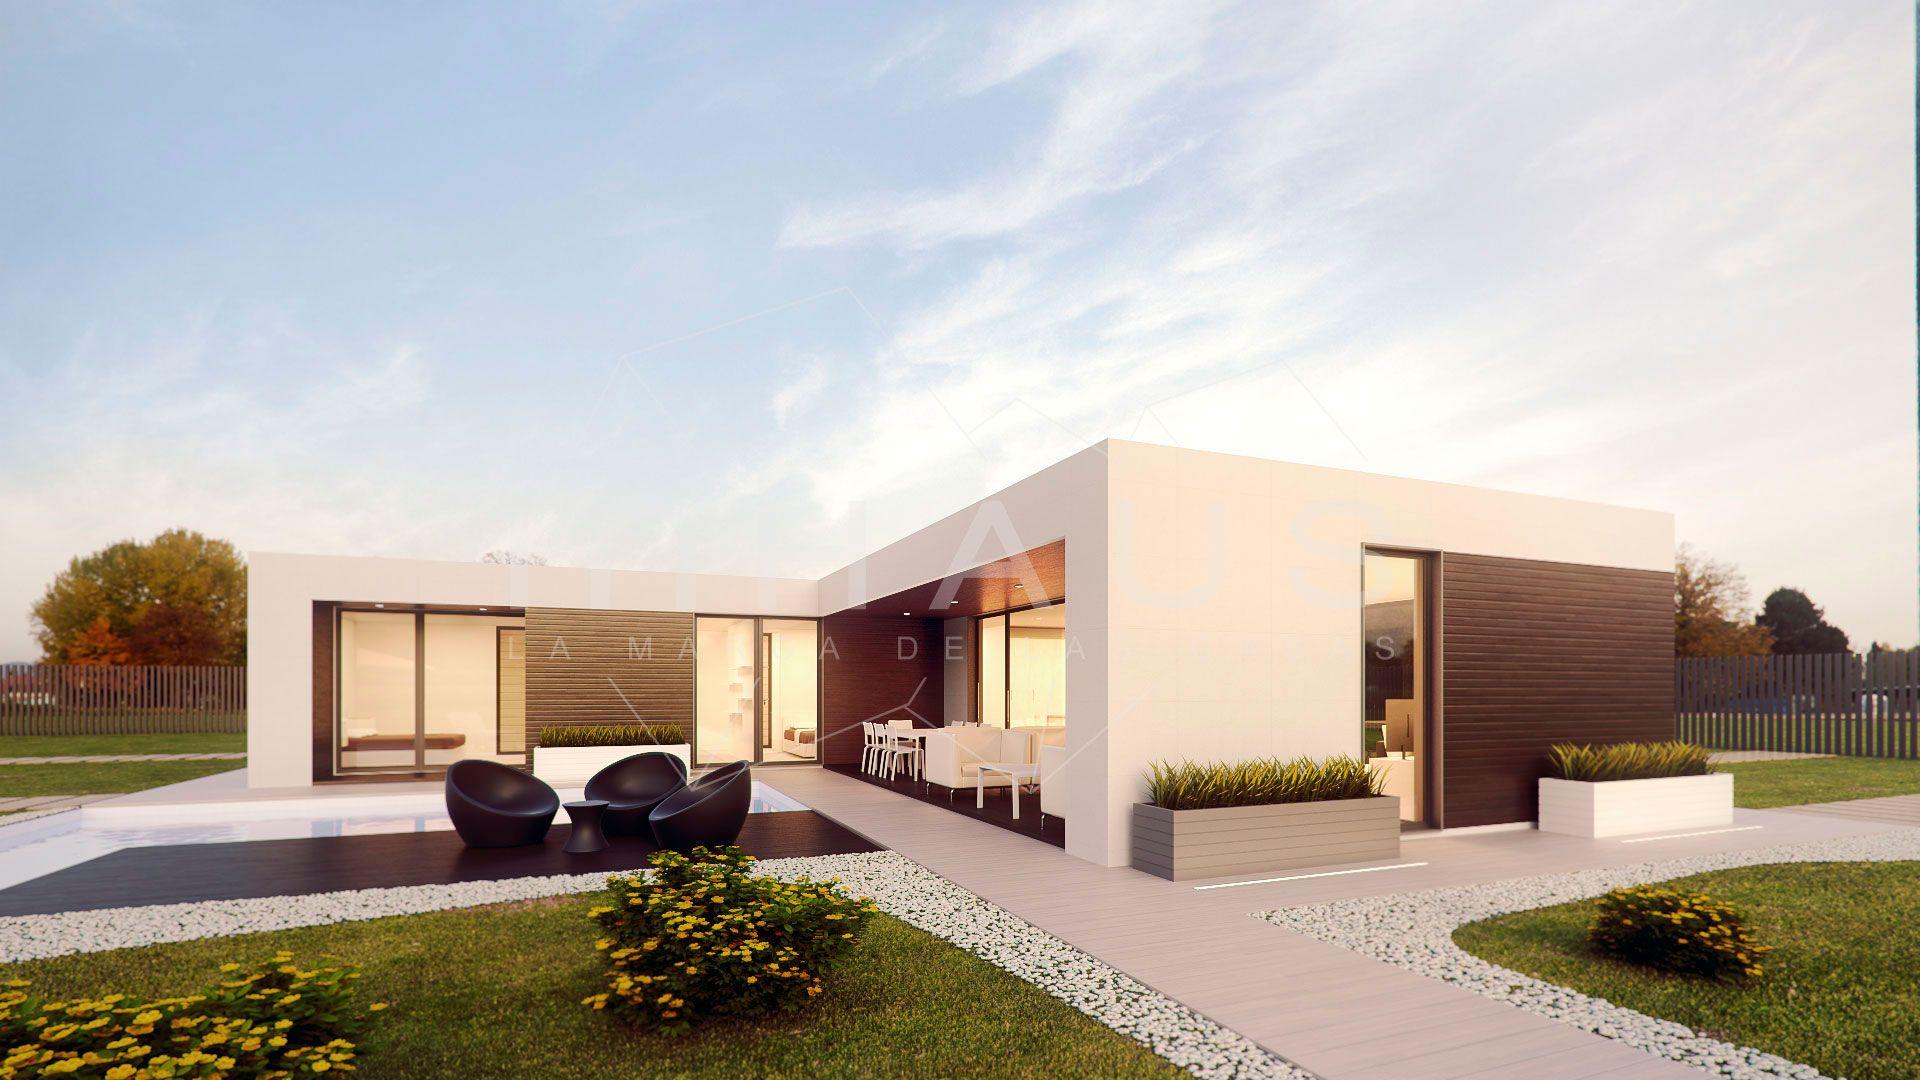 viviendas modulares de dise o inhaus vista lateral motril On viviendas modulares modernas